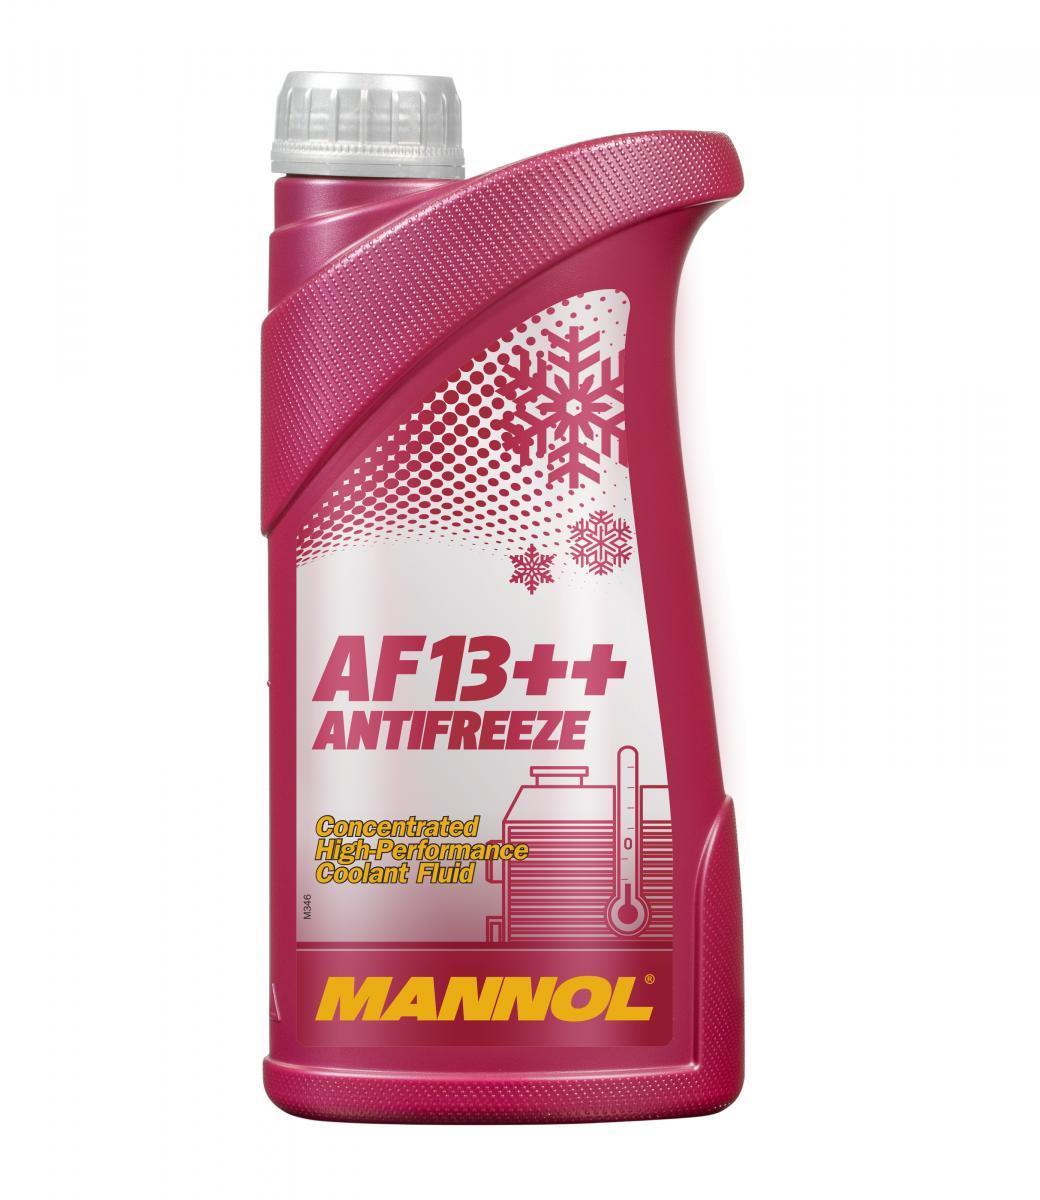 MN4115-1 MANNOL AF13++, High-performance G12 rot, 1l, -38(50/50) G12 Frostschutz MN4115-1 günstig kaufen